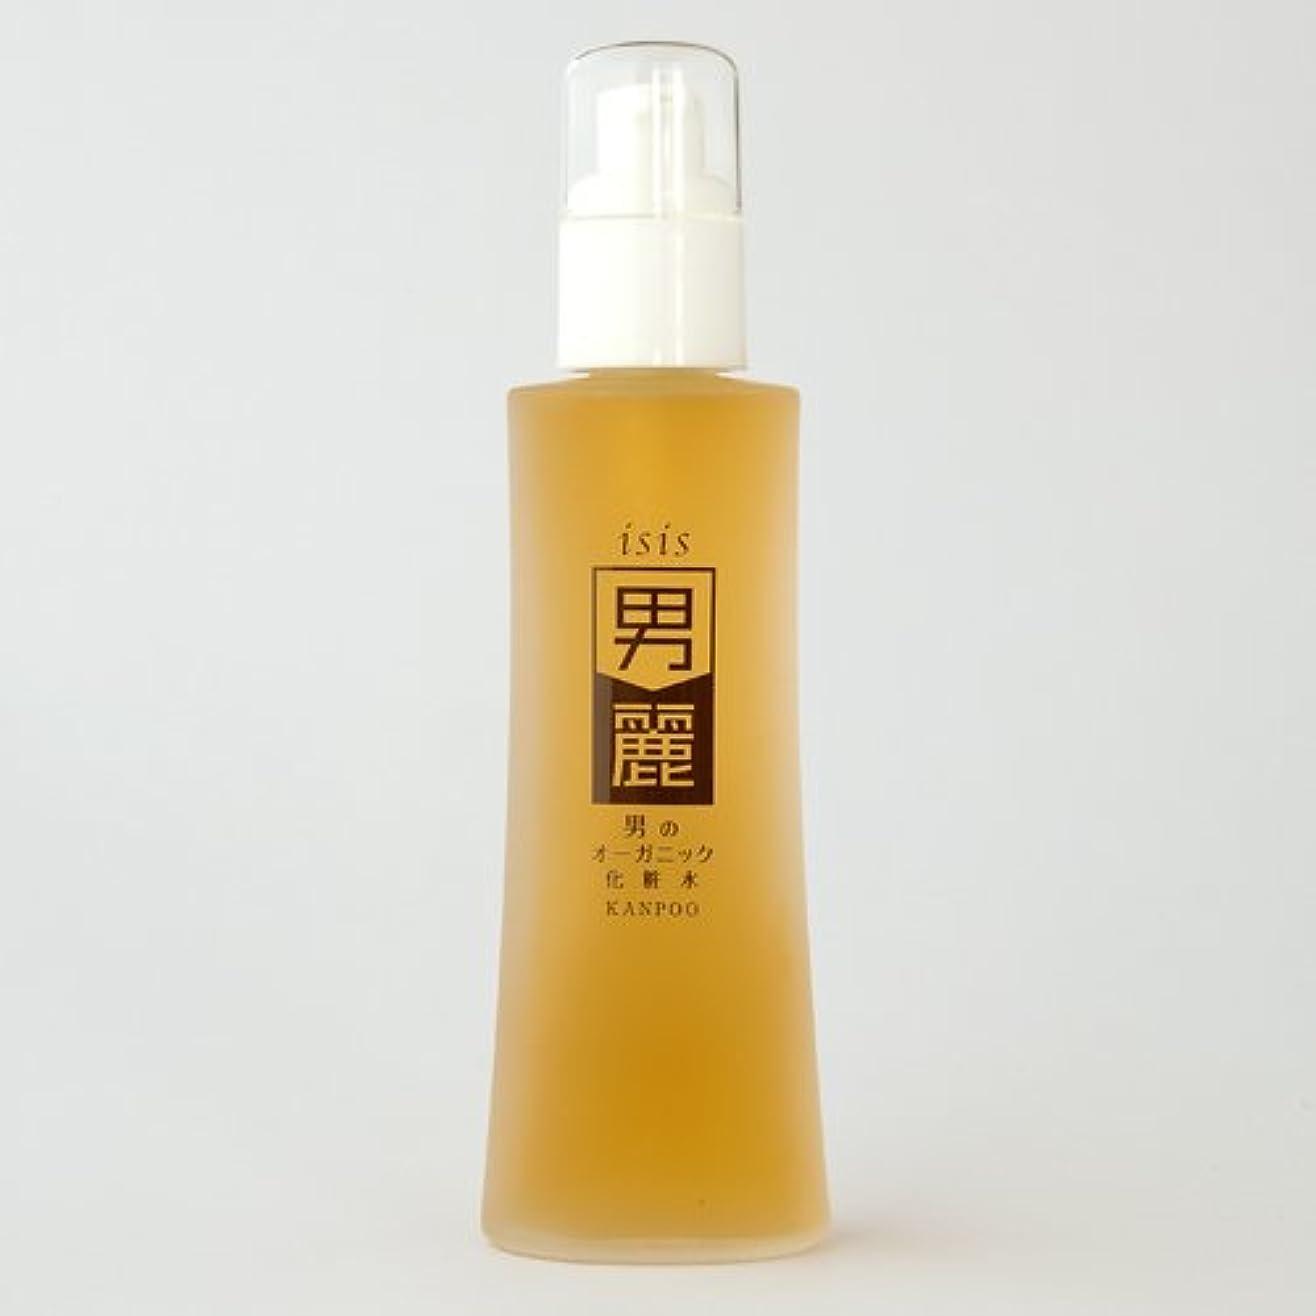 タンパク質記憶調整可能漢萌(KANPOO) 男のオーガニック化粧水 男麗 120ml